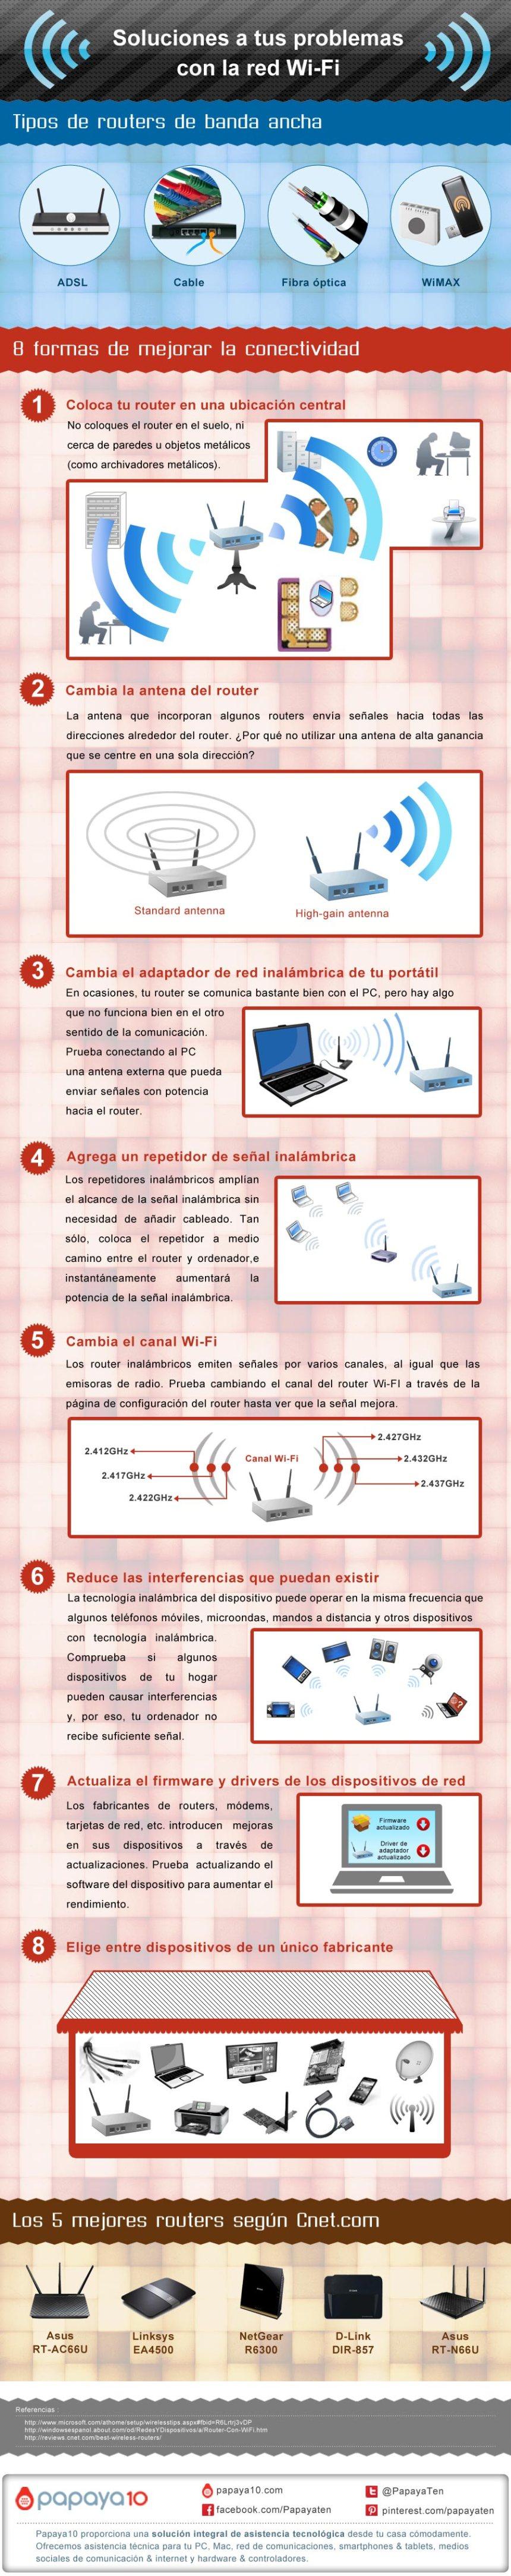 Soluciona los problemas de tu WiFi